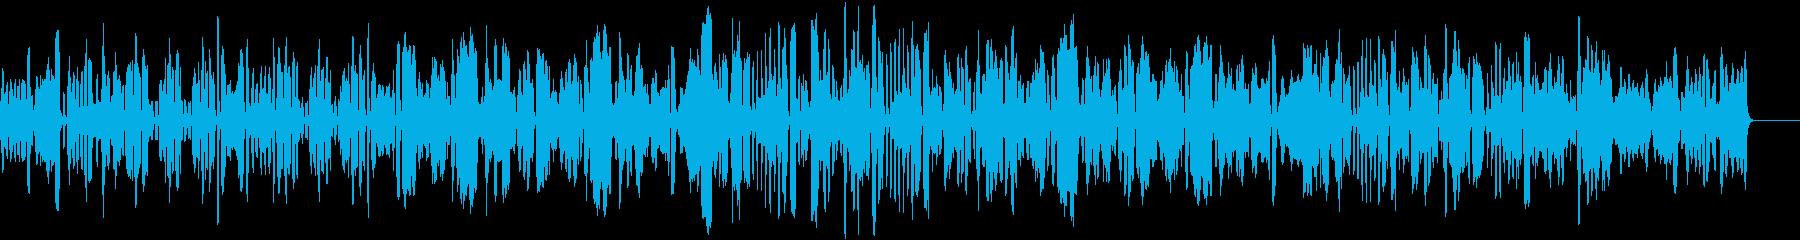 軽快なブルースのリコーダー曲の再生済みの波形